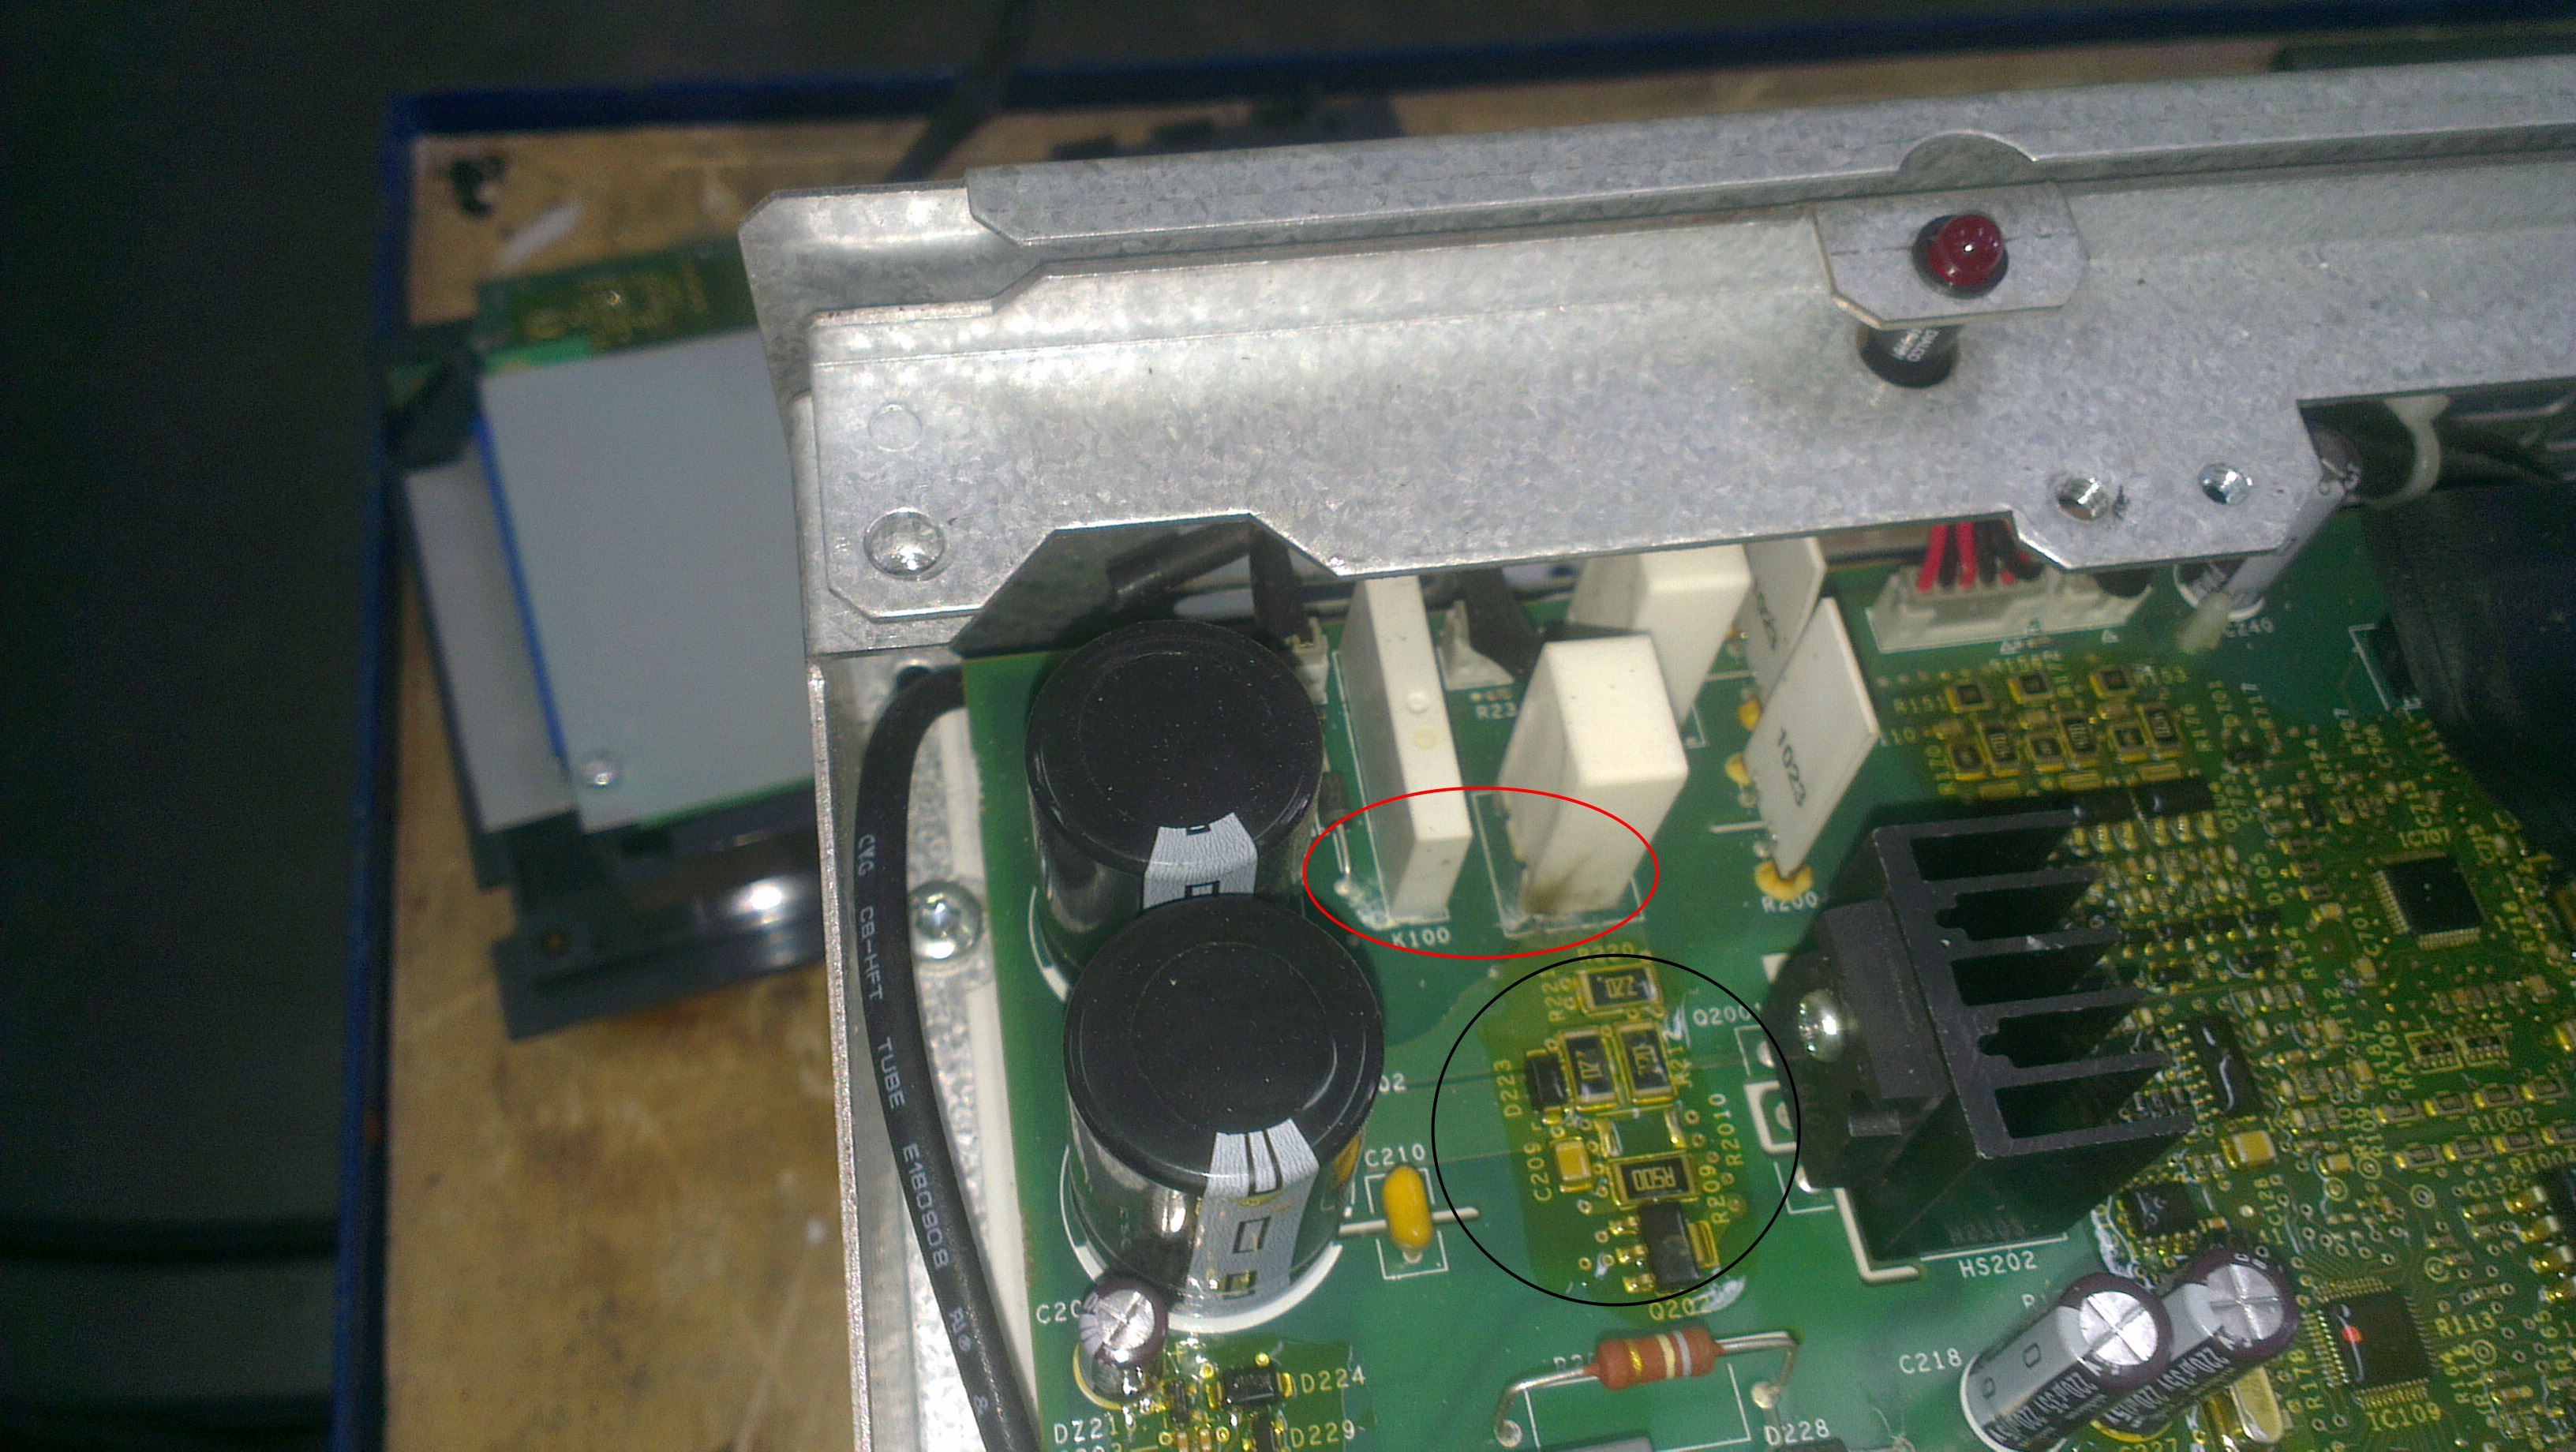 Рисунок 1 Повреждение электроники на печатной плате преобразователя частоты